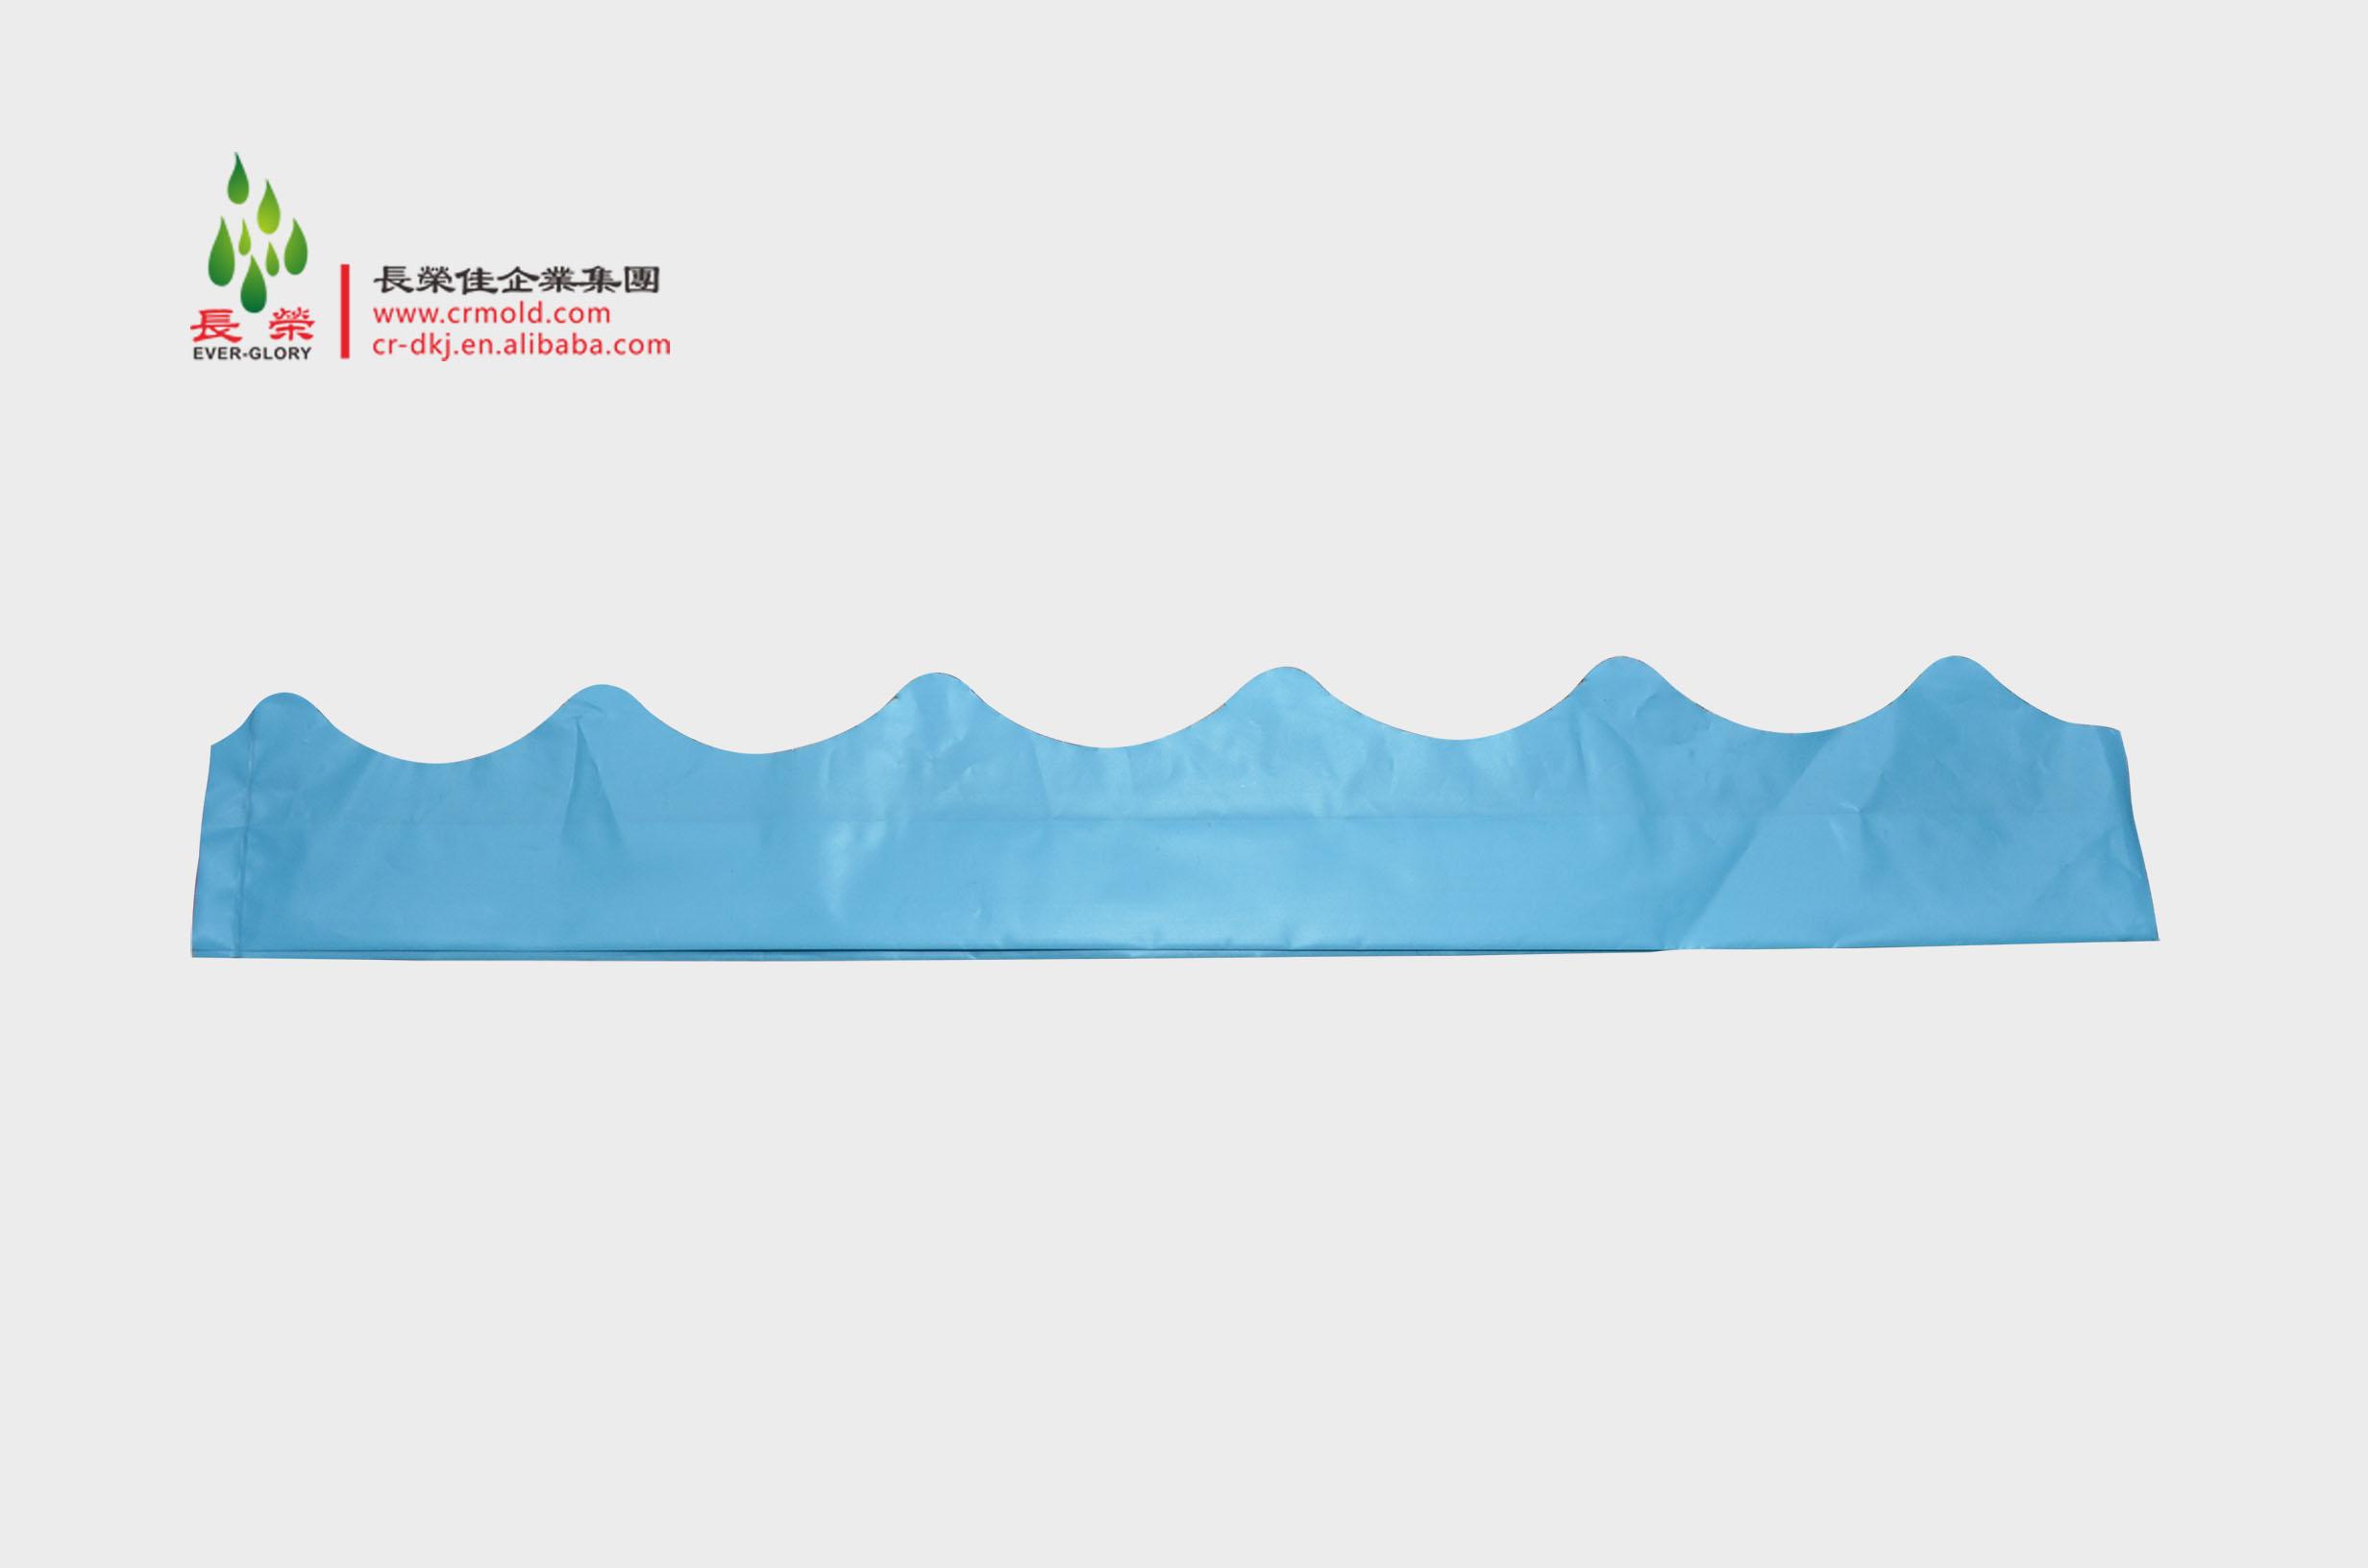 虚线对话框矢量图